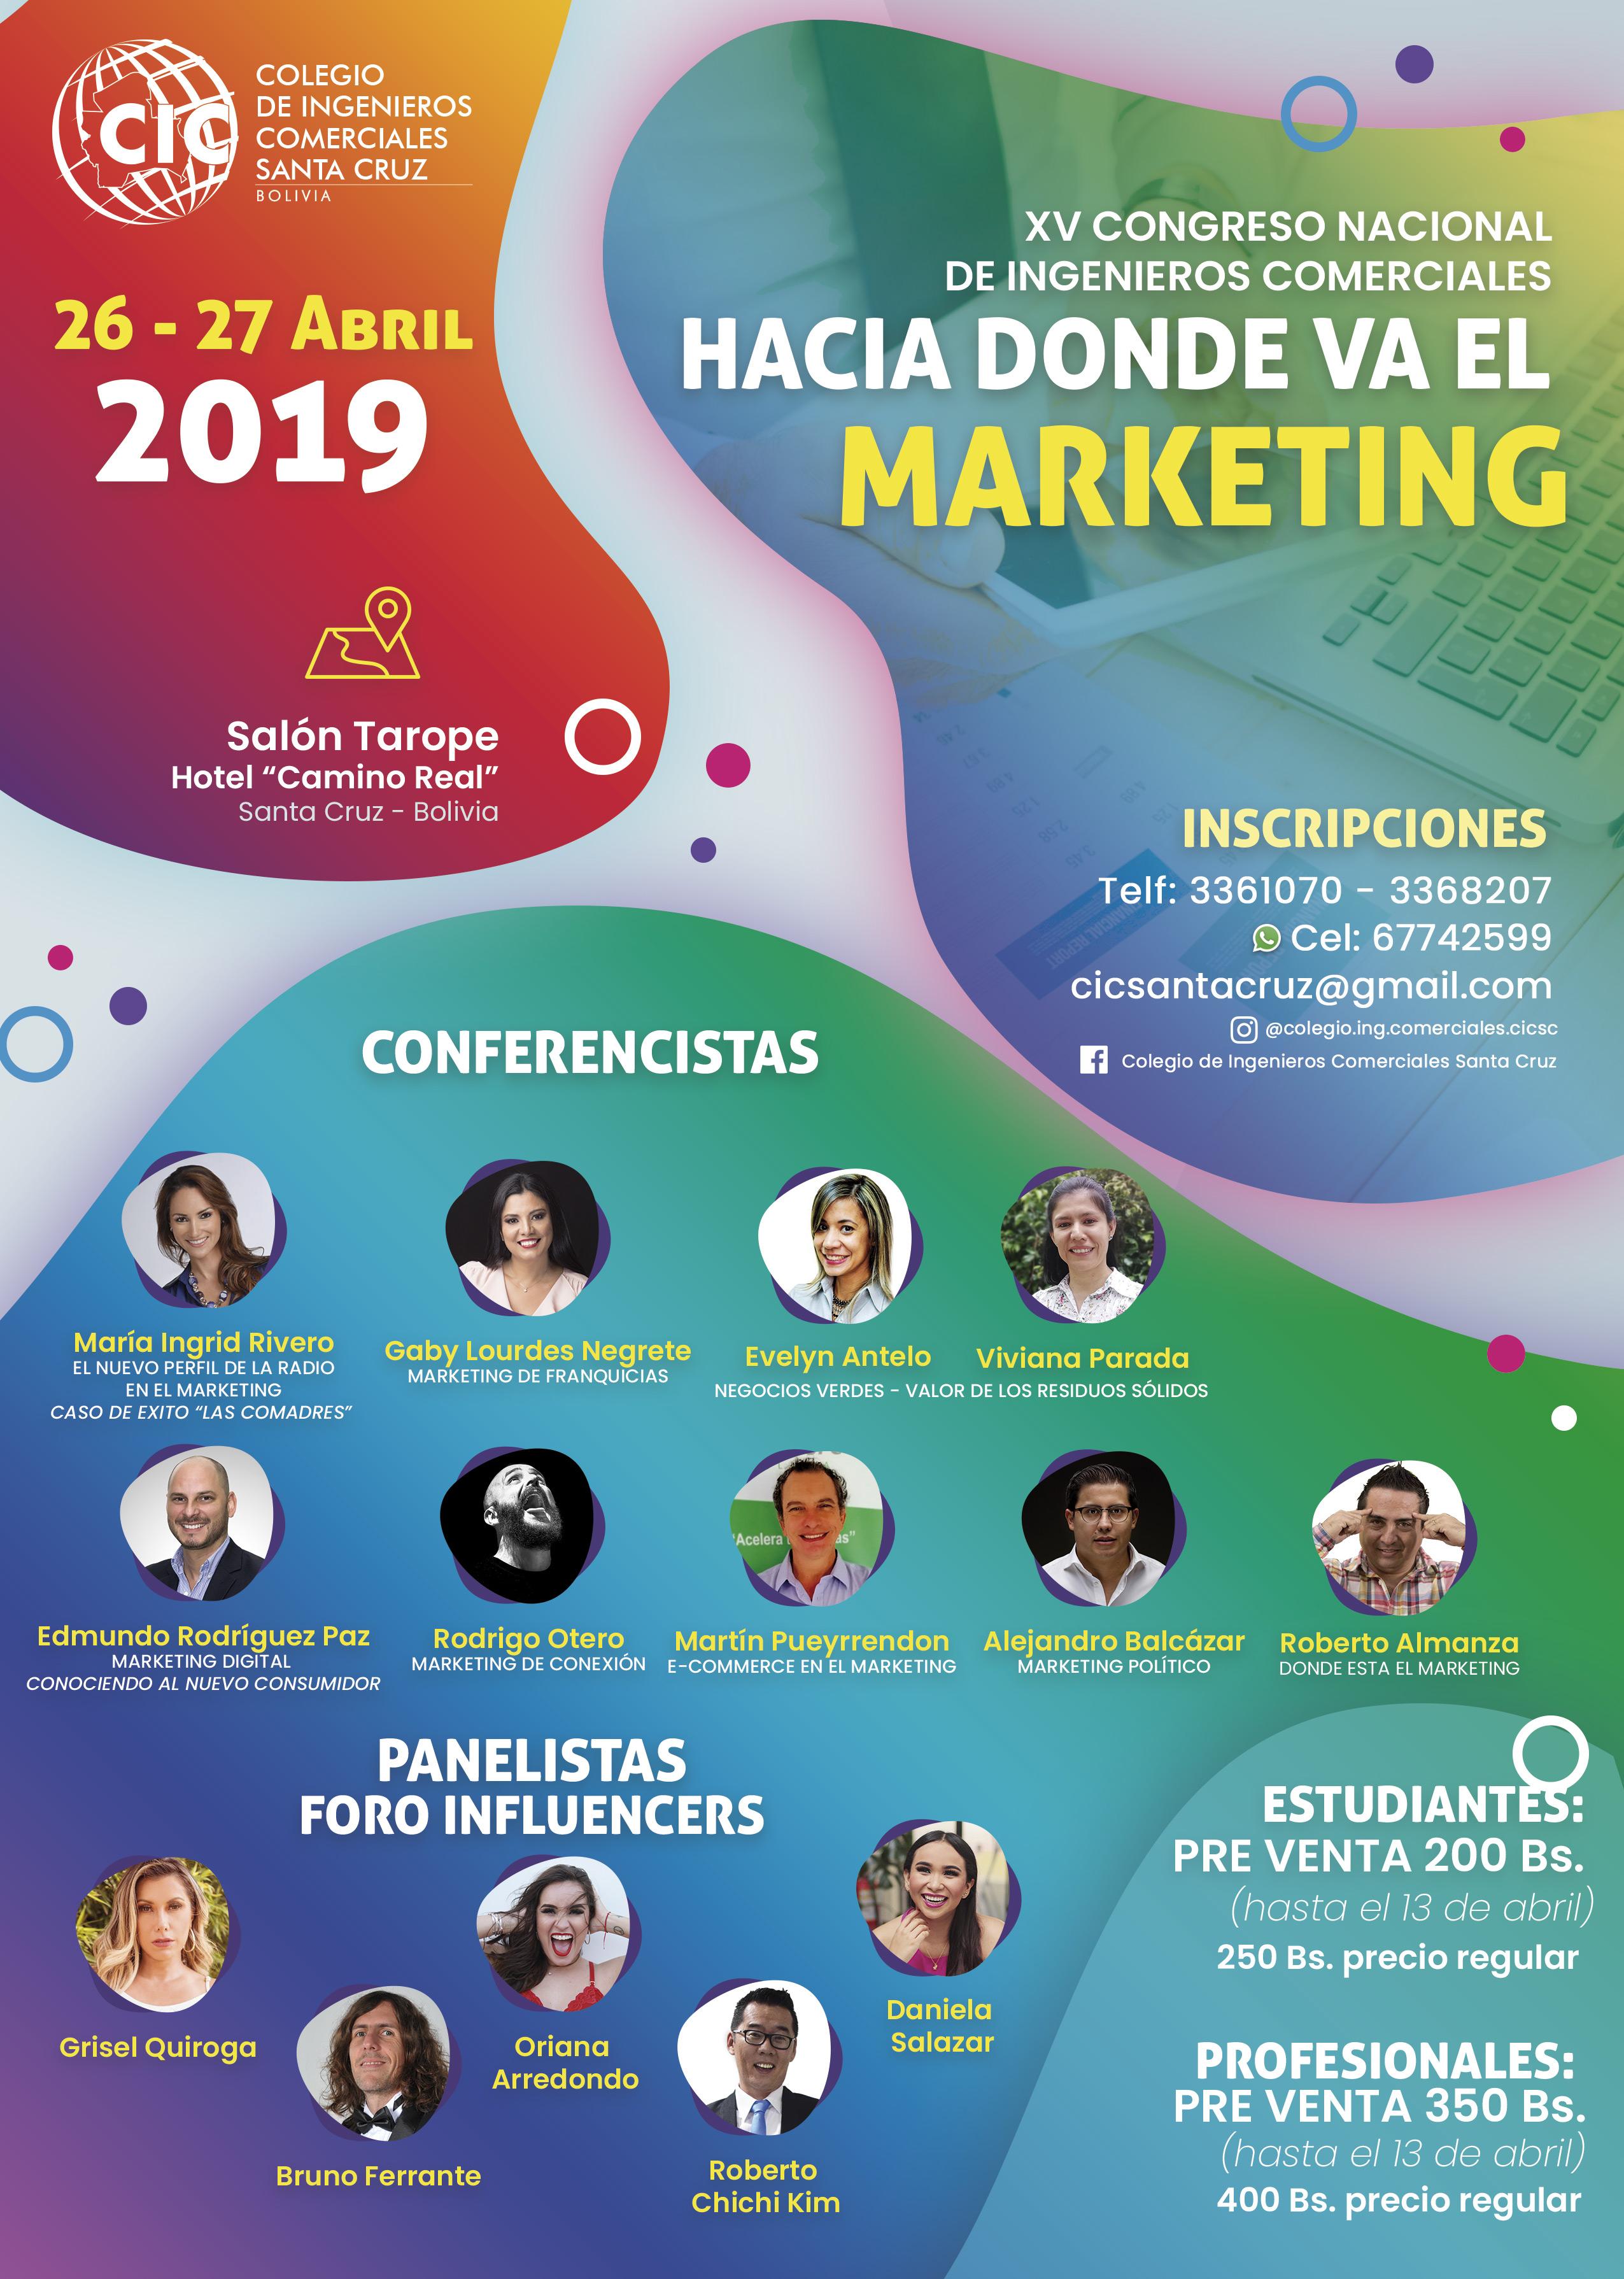 """El Colegio de Ingenieros Comerciales Santa Cruz anuncia su XV Congreso Nacional """"Hacia donde va el Marketing"""""""